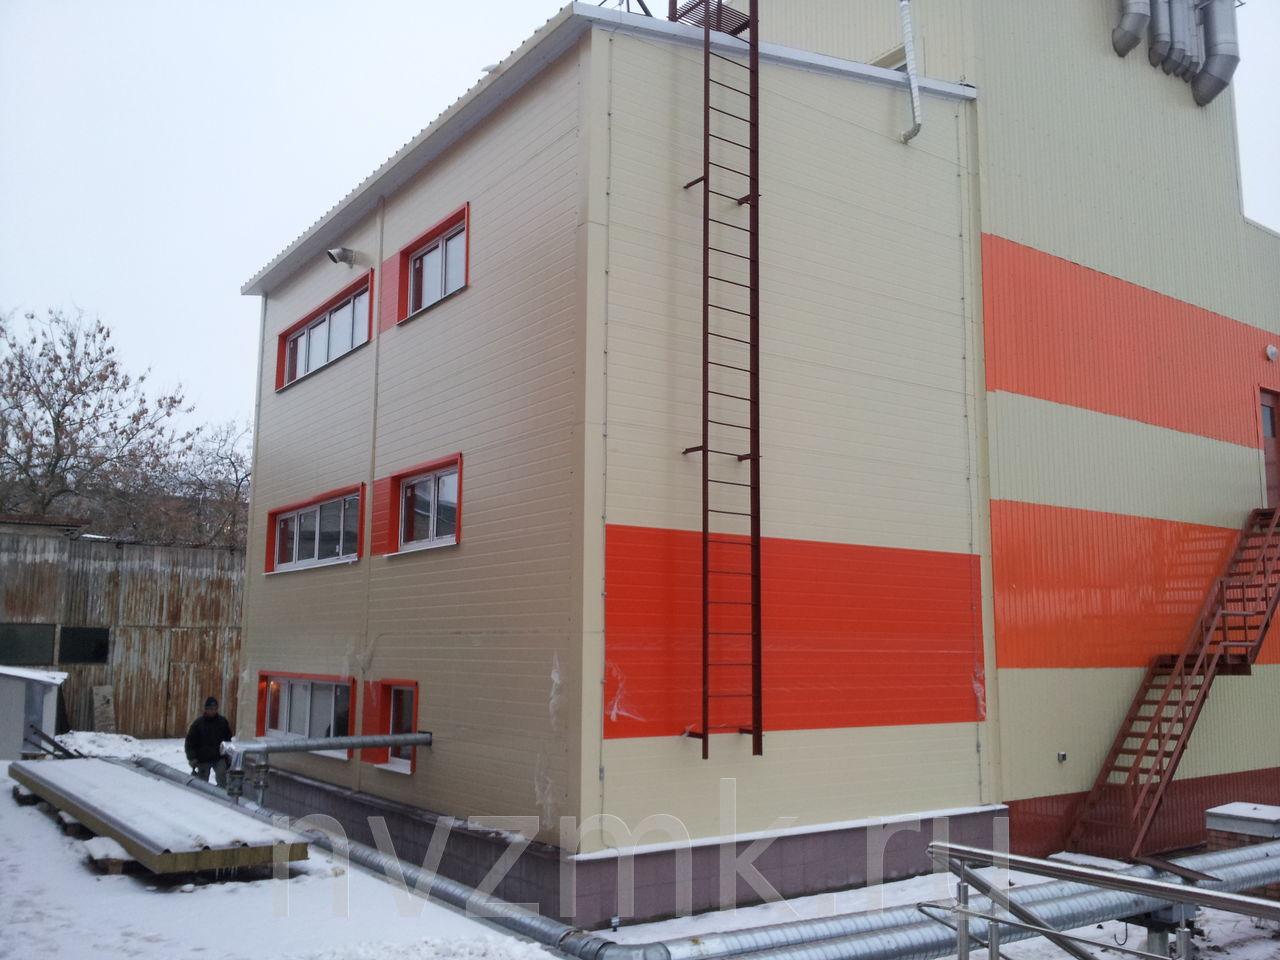 Услуги по проектированию, изготовлению и монтажу современных цехов предлагает ПСК Новинский ЗМК